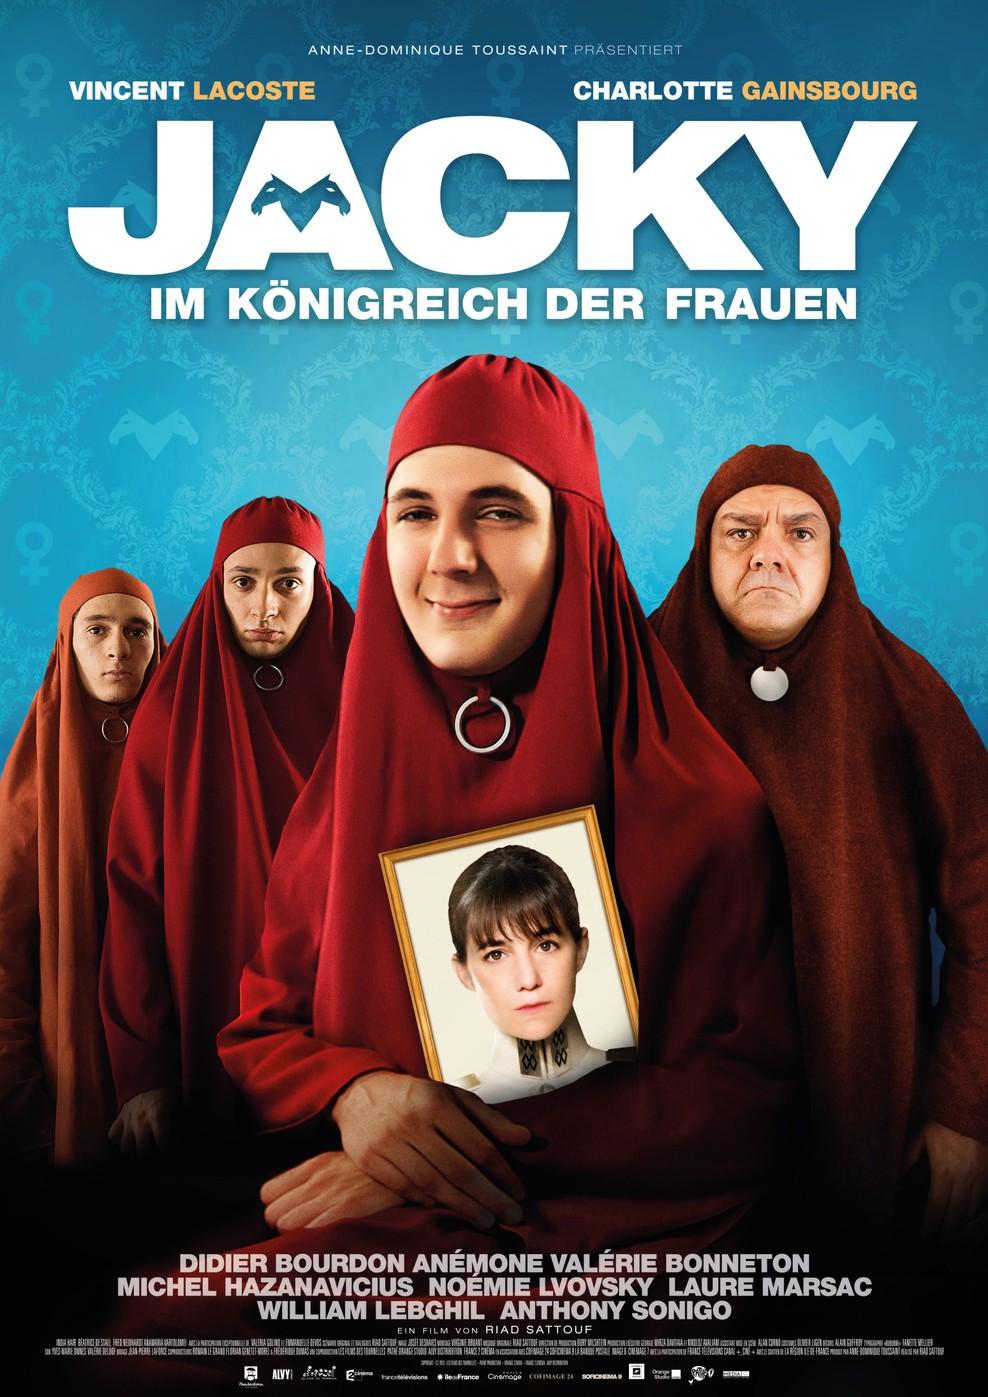 Jacky im Königreich der Frauen (Poster)